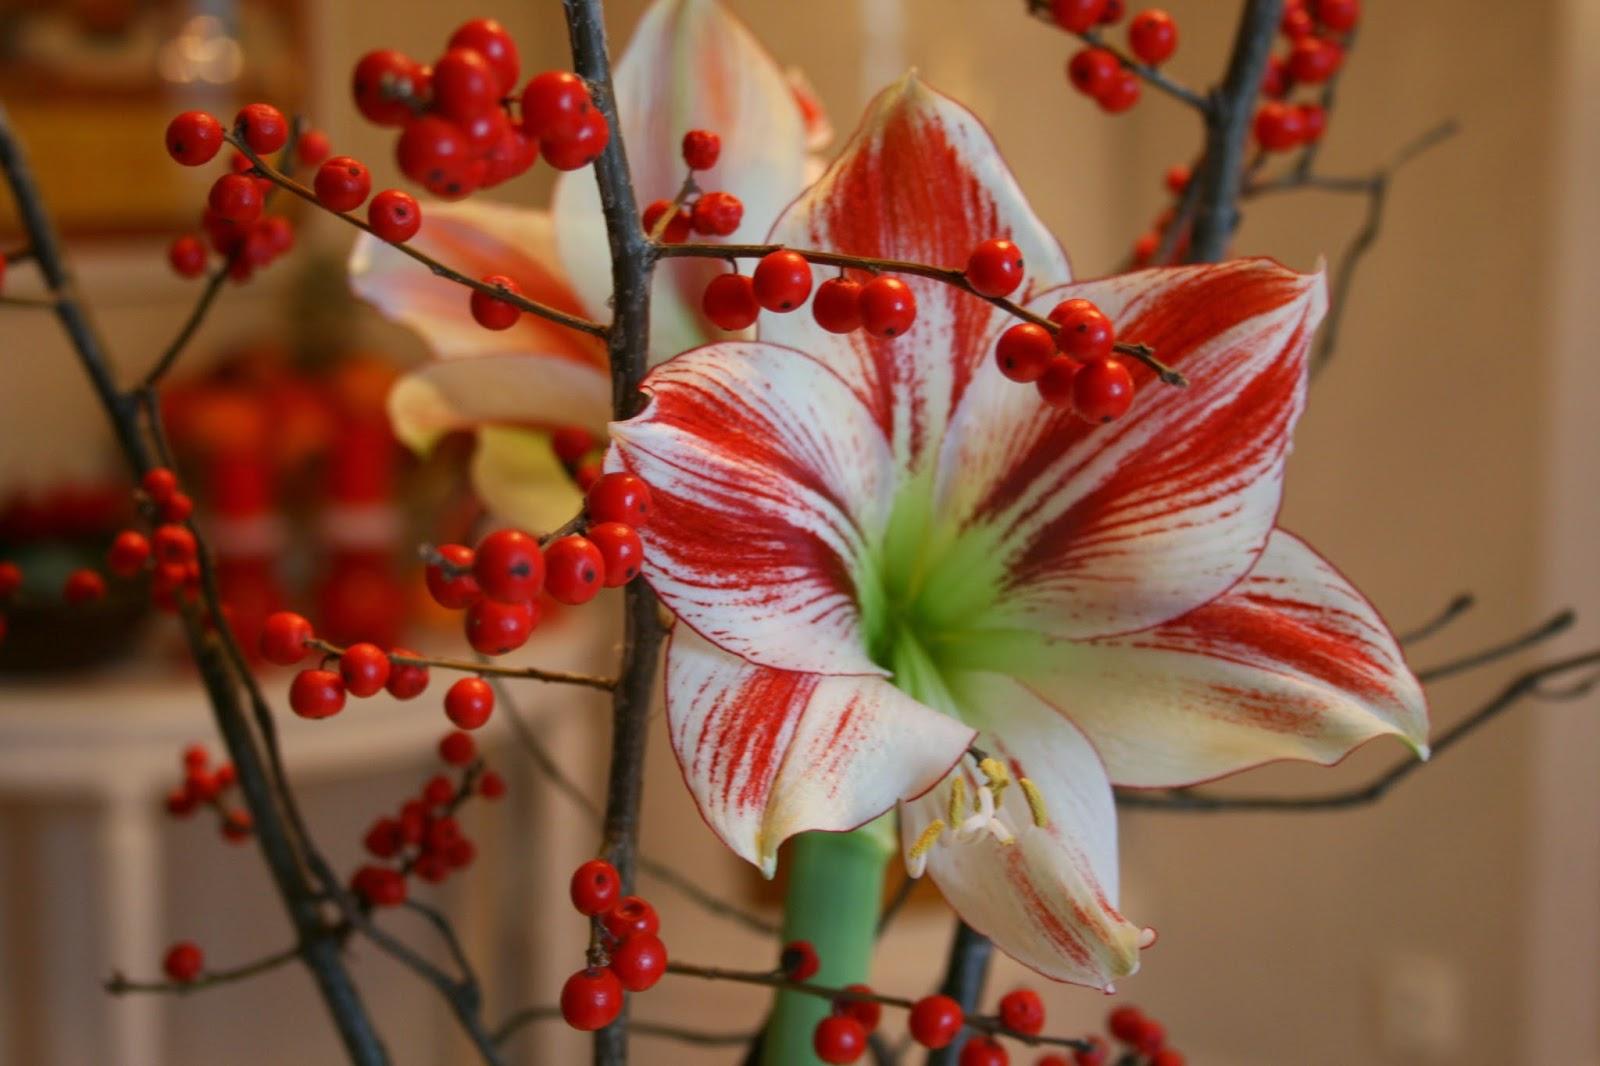 Amaryllis 'Ambiance' Ilex verticillata